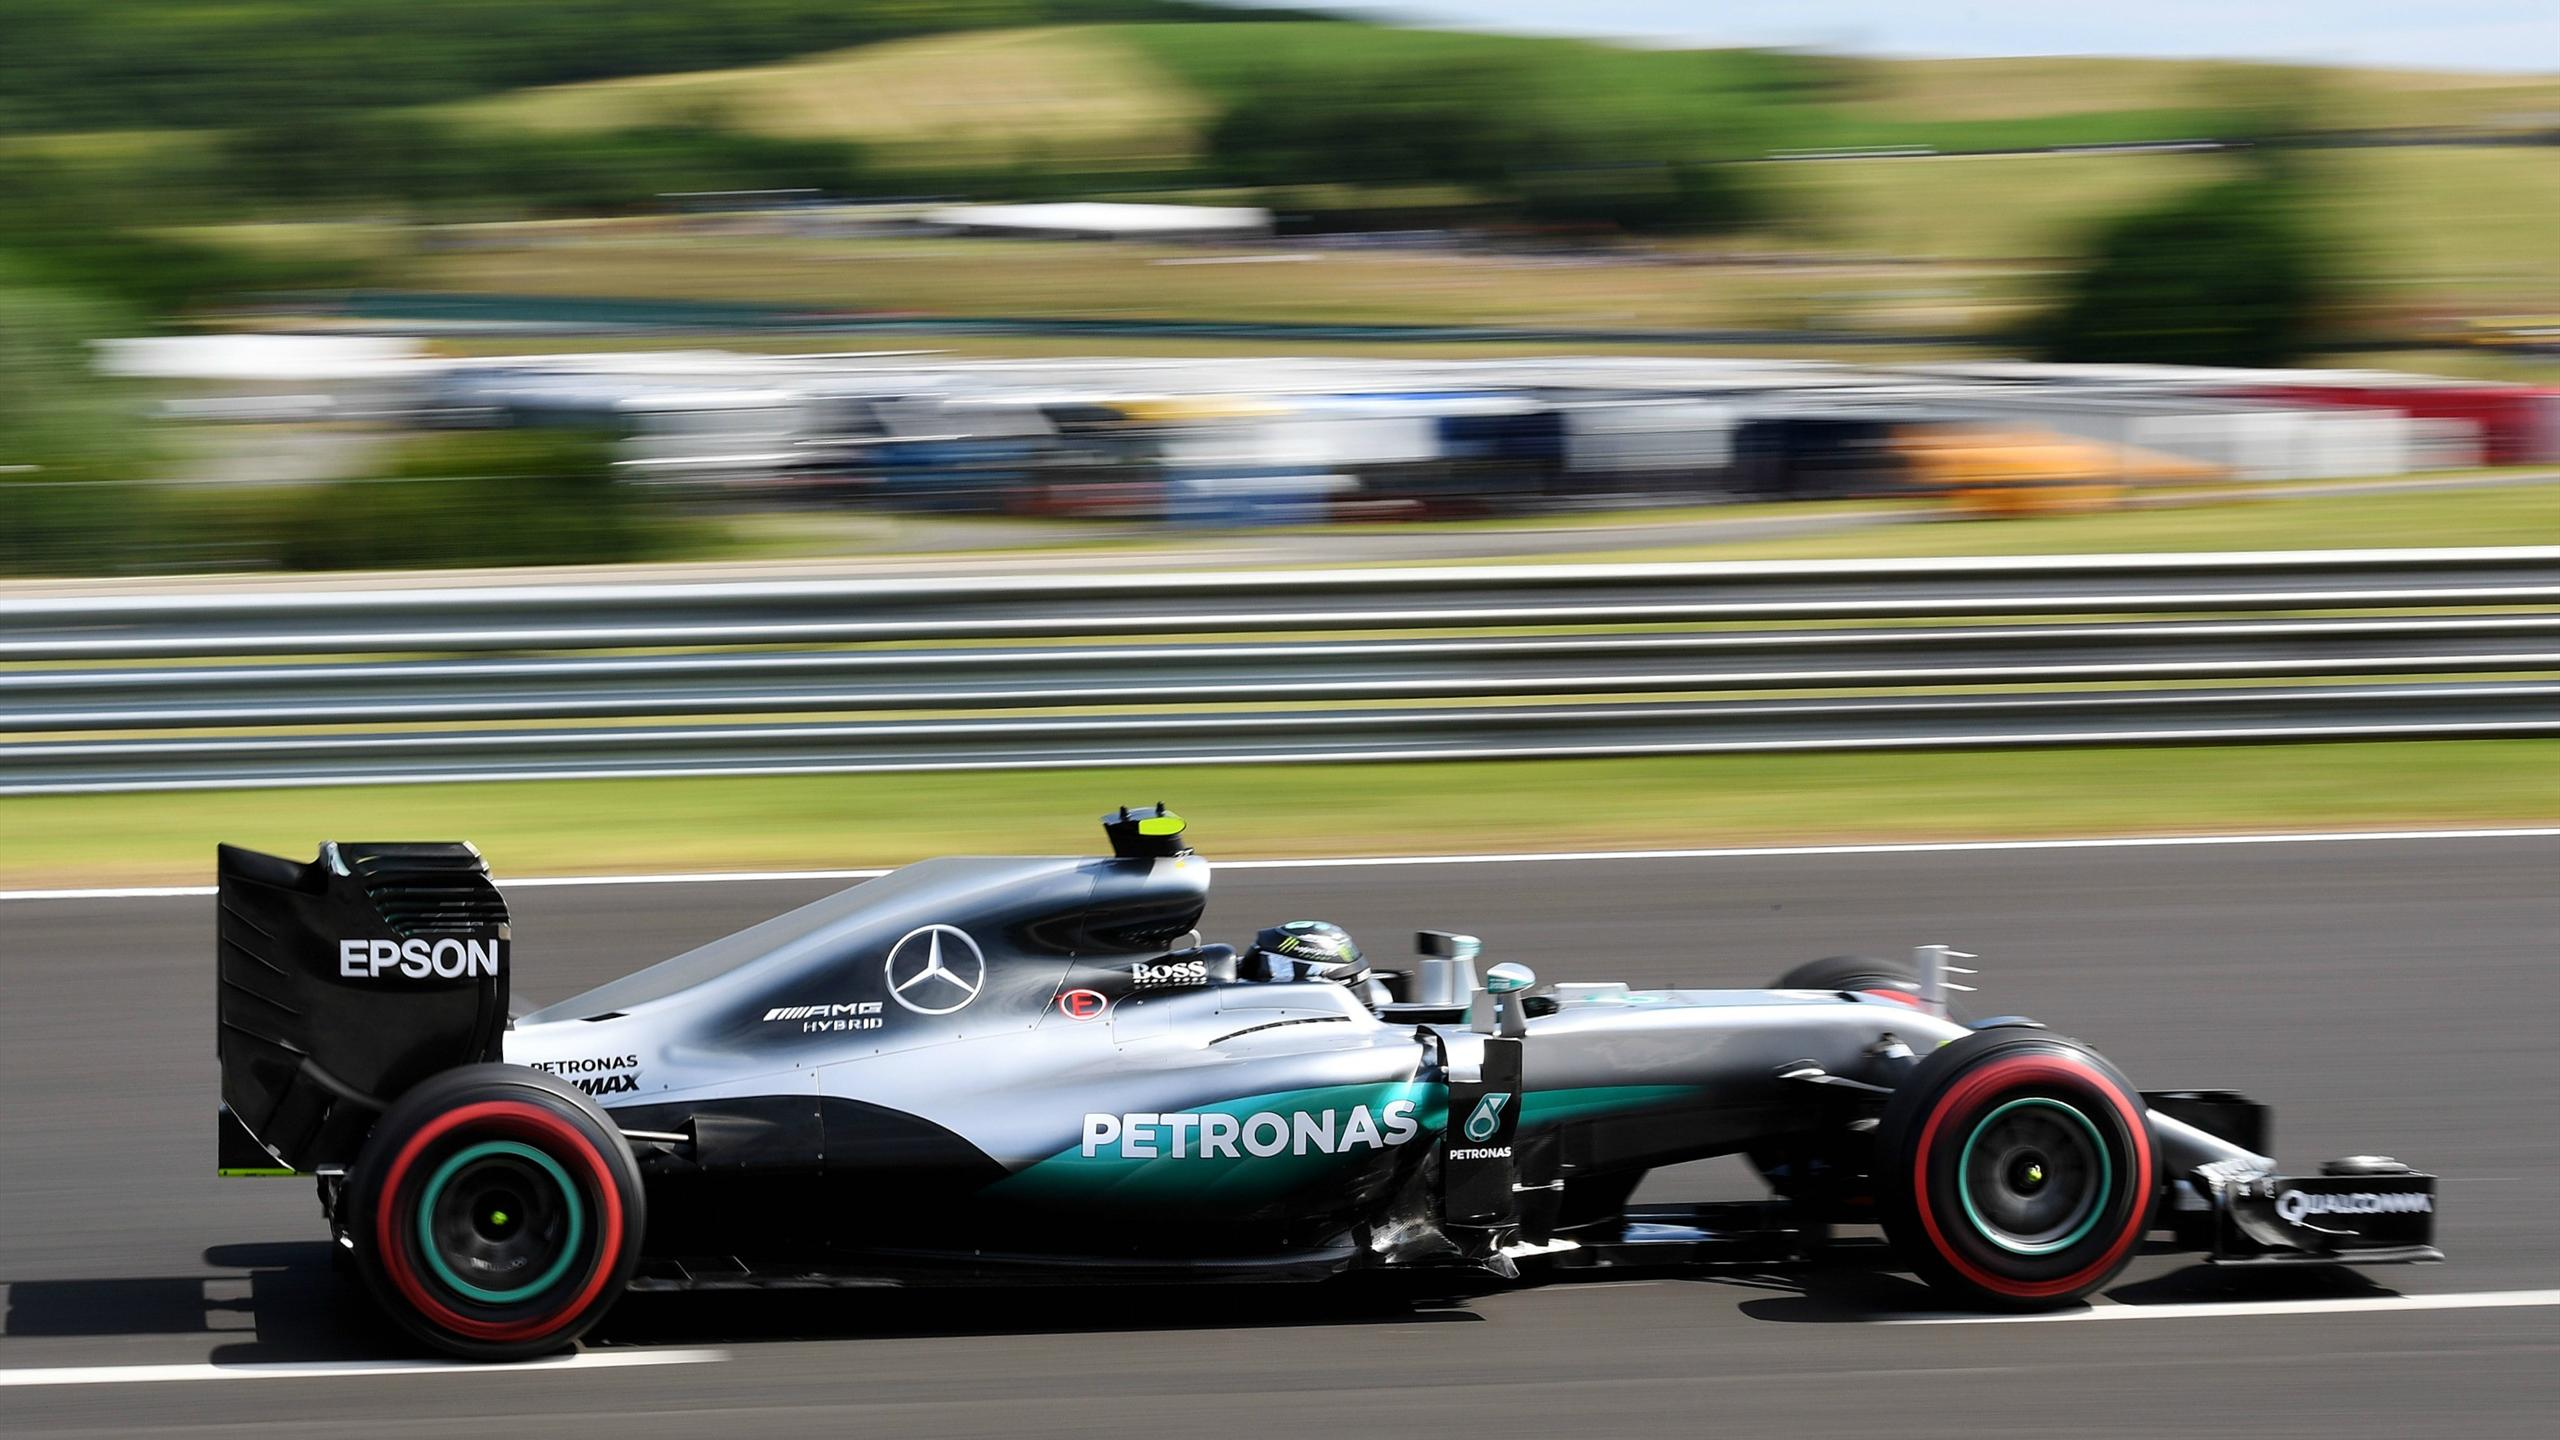 Nico Rosberg (Mercedes) au Grand Prix de Hongrie 2016